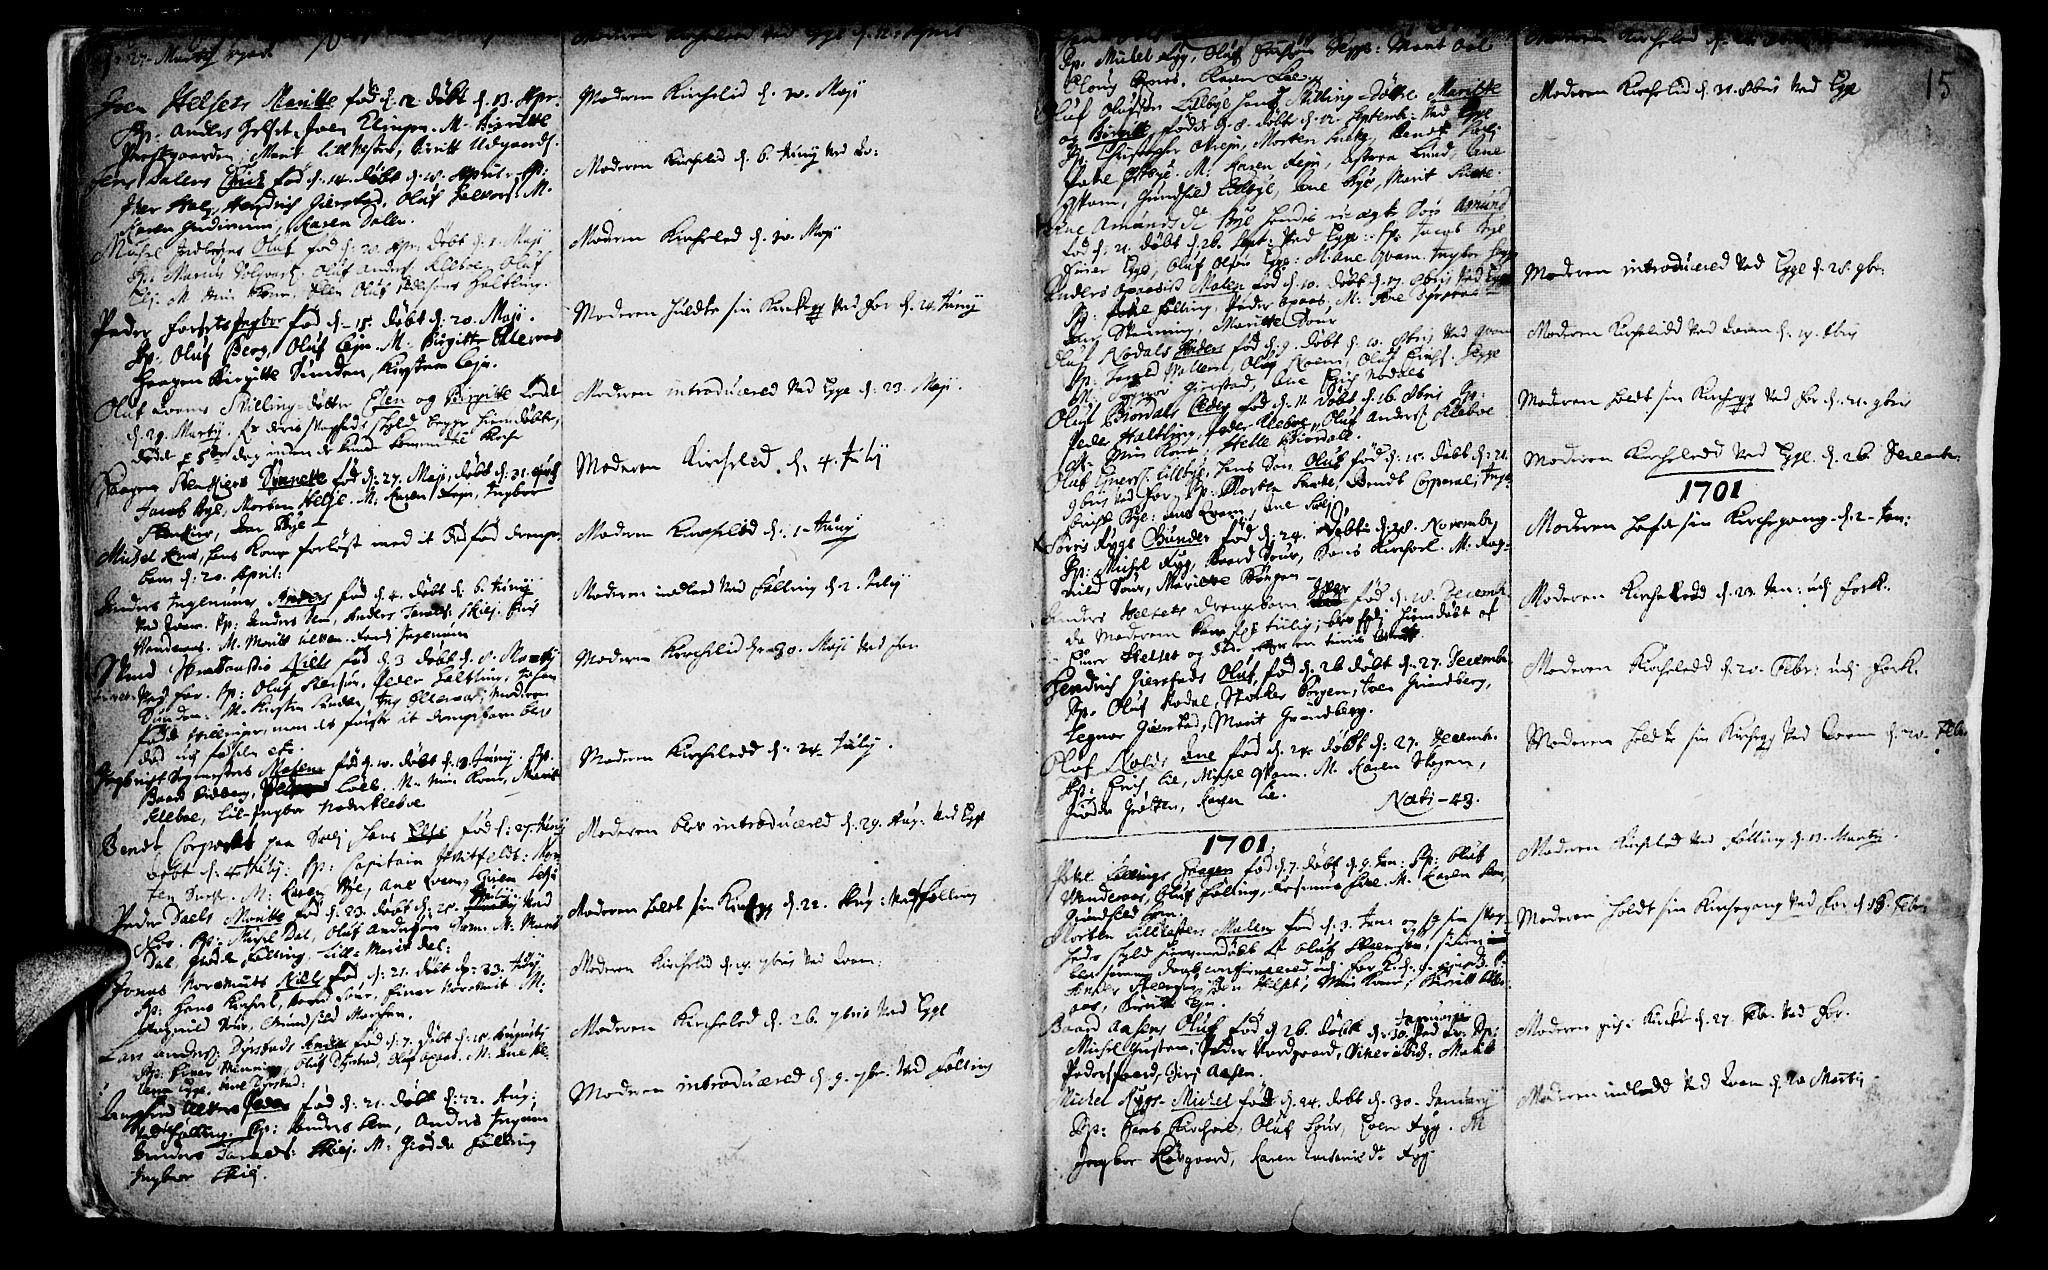 SAT, Ministerialprotokoller, klokkerbøker og fødselsregistre - Nord-Trøndelag, 746/L0439: Ministerialbok nr. 746A01, 1688-1759, s. 15